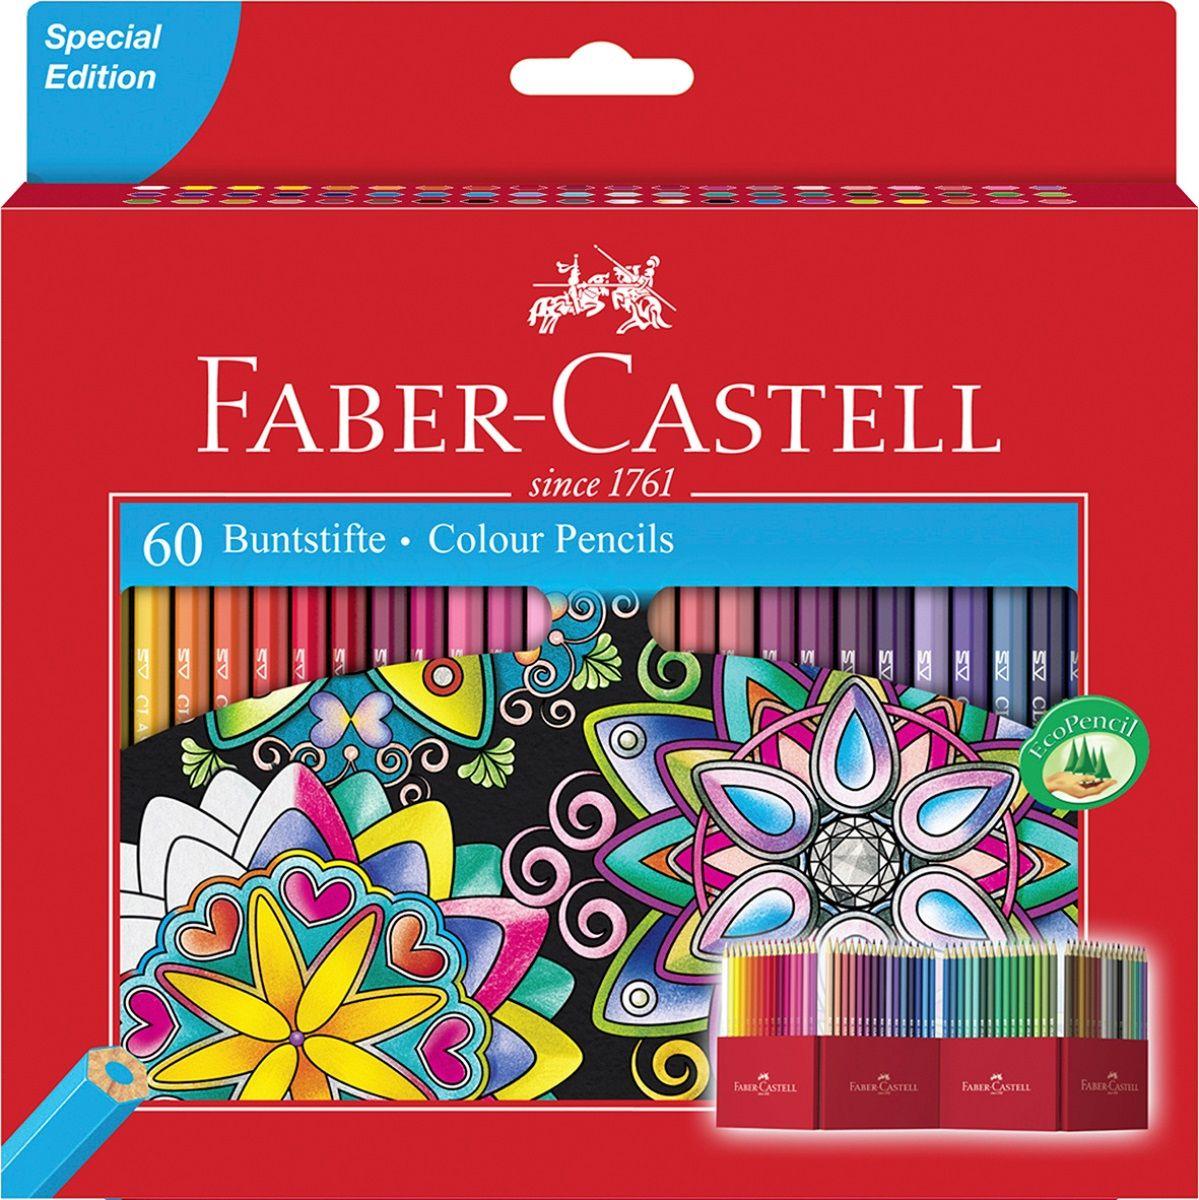 Faber-Castell Набор цветных карандашей Замок 60 цветов 111260 карандаши bruno visconti набор карандашей цветных disney белоснежка 6 цветов